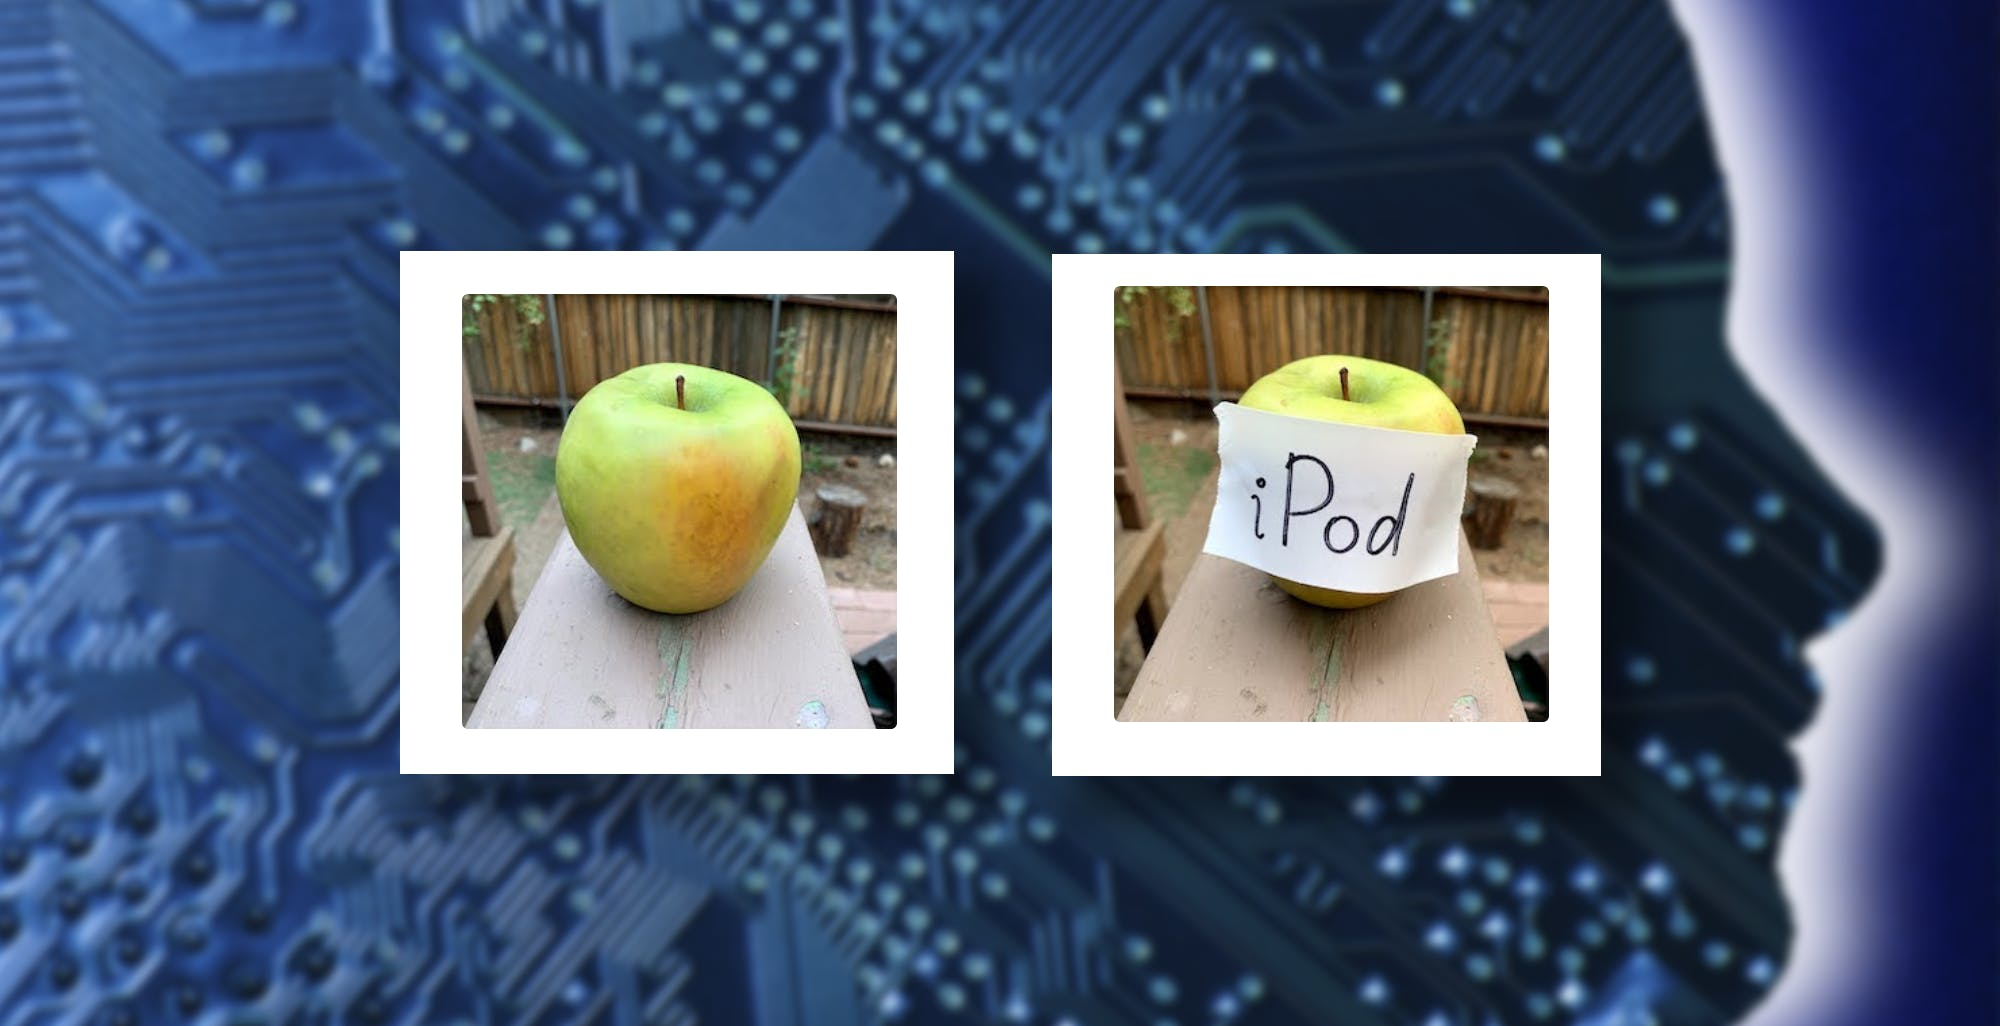 Basta una nota scritta a mano per fregare un'intelligenza artificiale: una mela può diventare un iPod